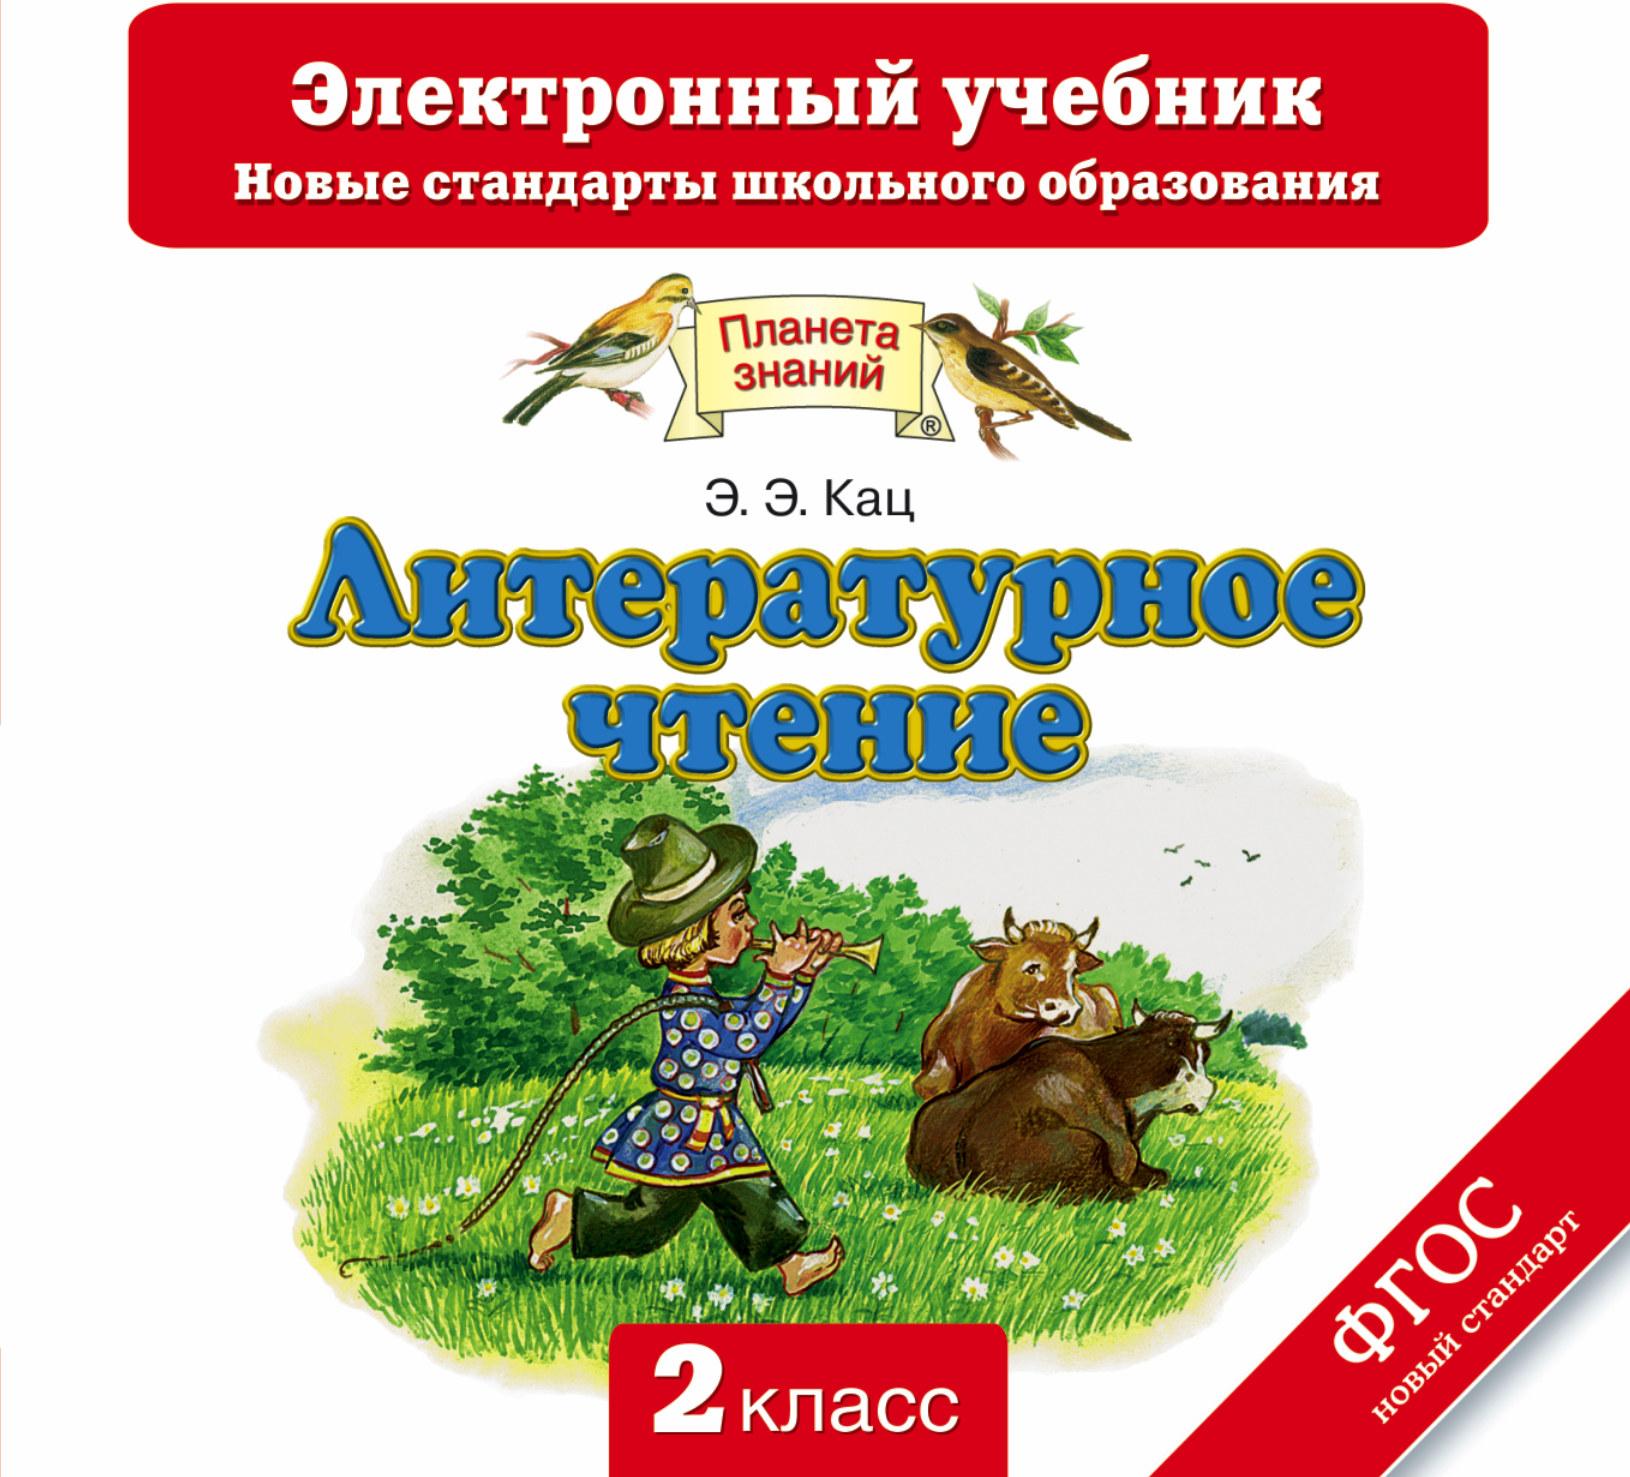 Литературное чтение. 2 класс. Электронный учебник (CD)